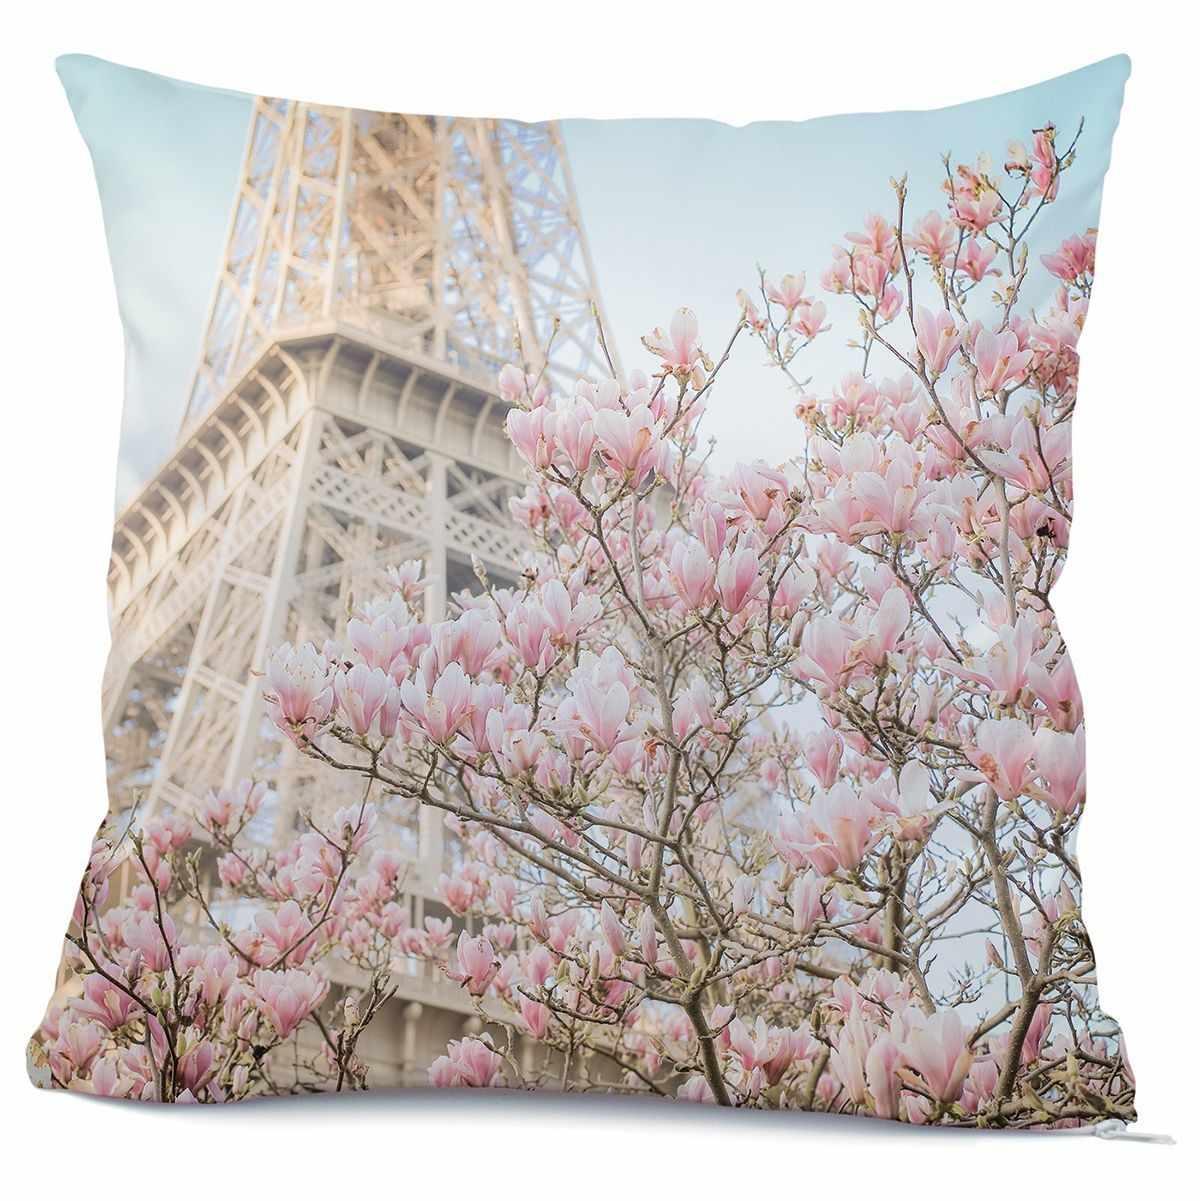 9156ш Париж в цвету - наволочка (МП)